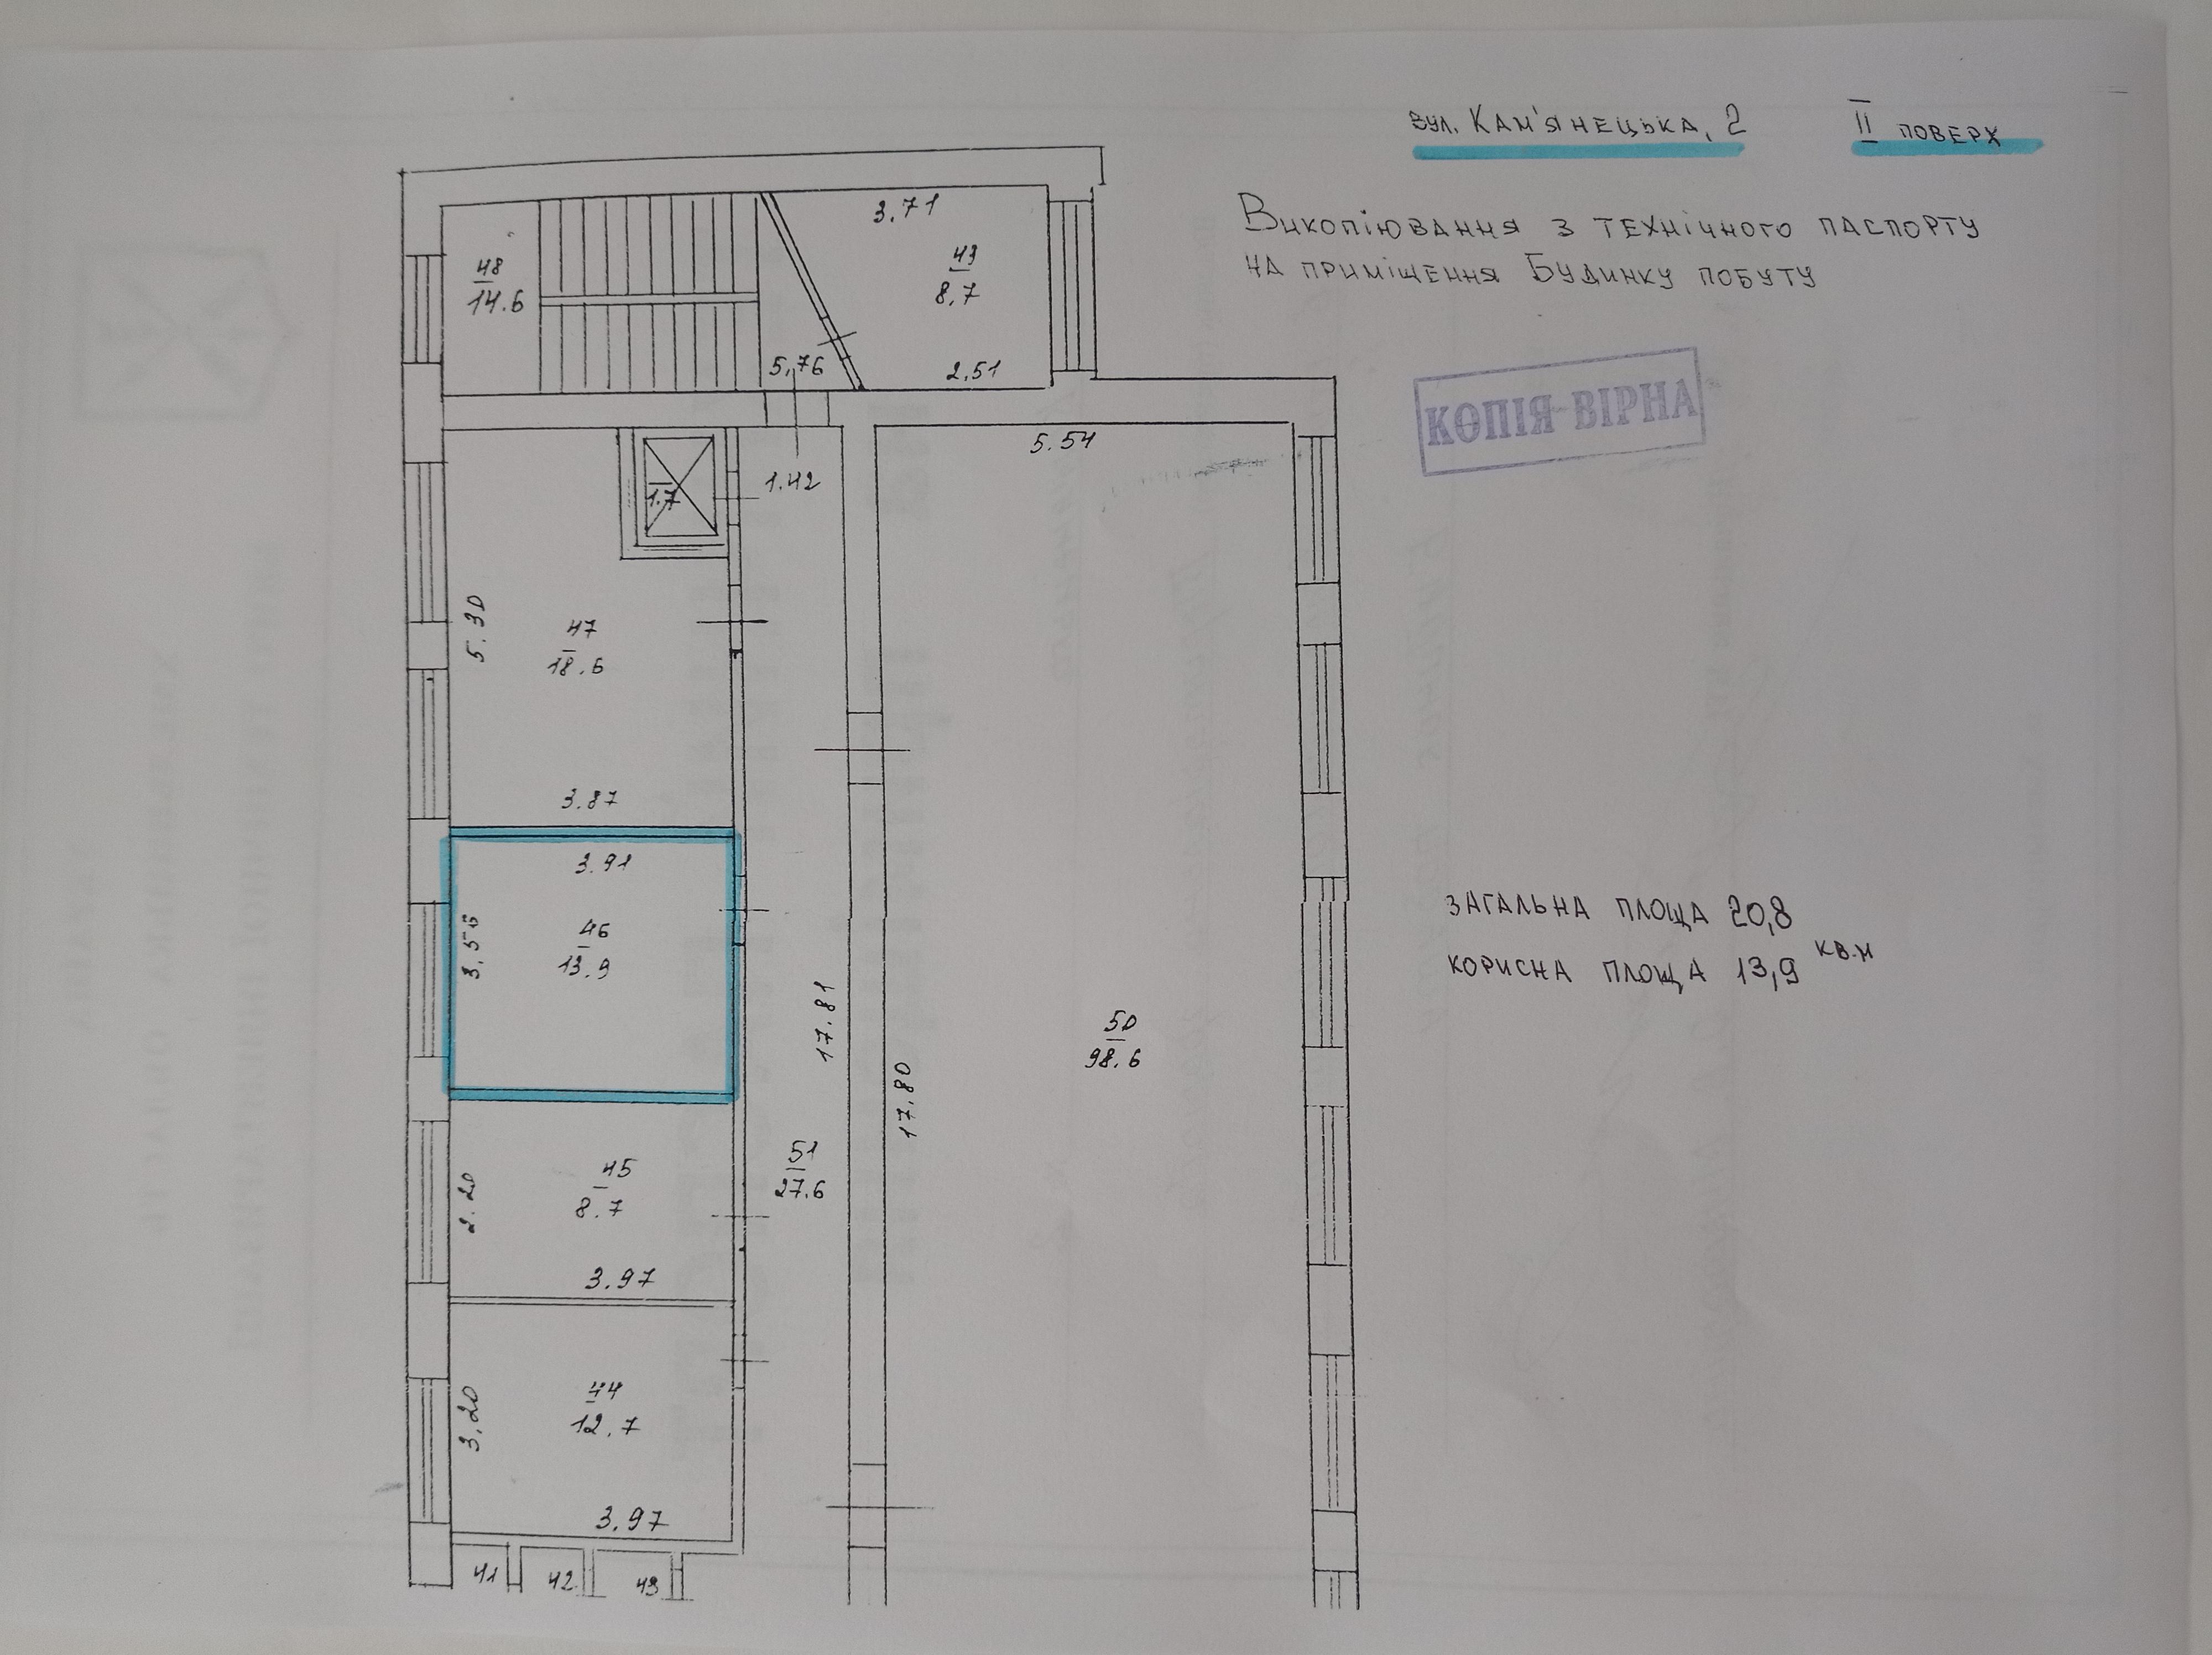 Повторний аукціон зі зниженням стартової орендної плати  на передачу в оренду  нежитлового приміщення на    вул. Кам'янецькій, 2 корисною площею 13,9 кв.м (загальною площею  20,8 кв.м) у м. Хмельницькому.